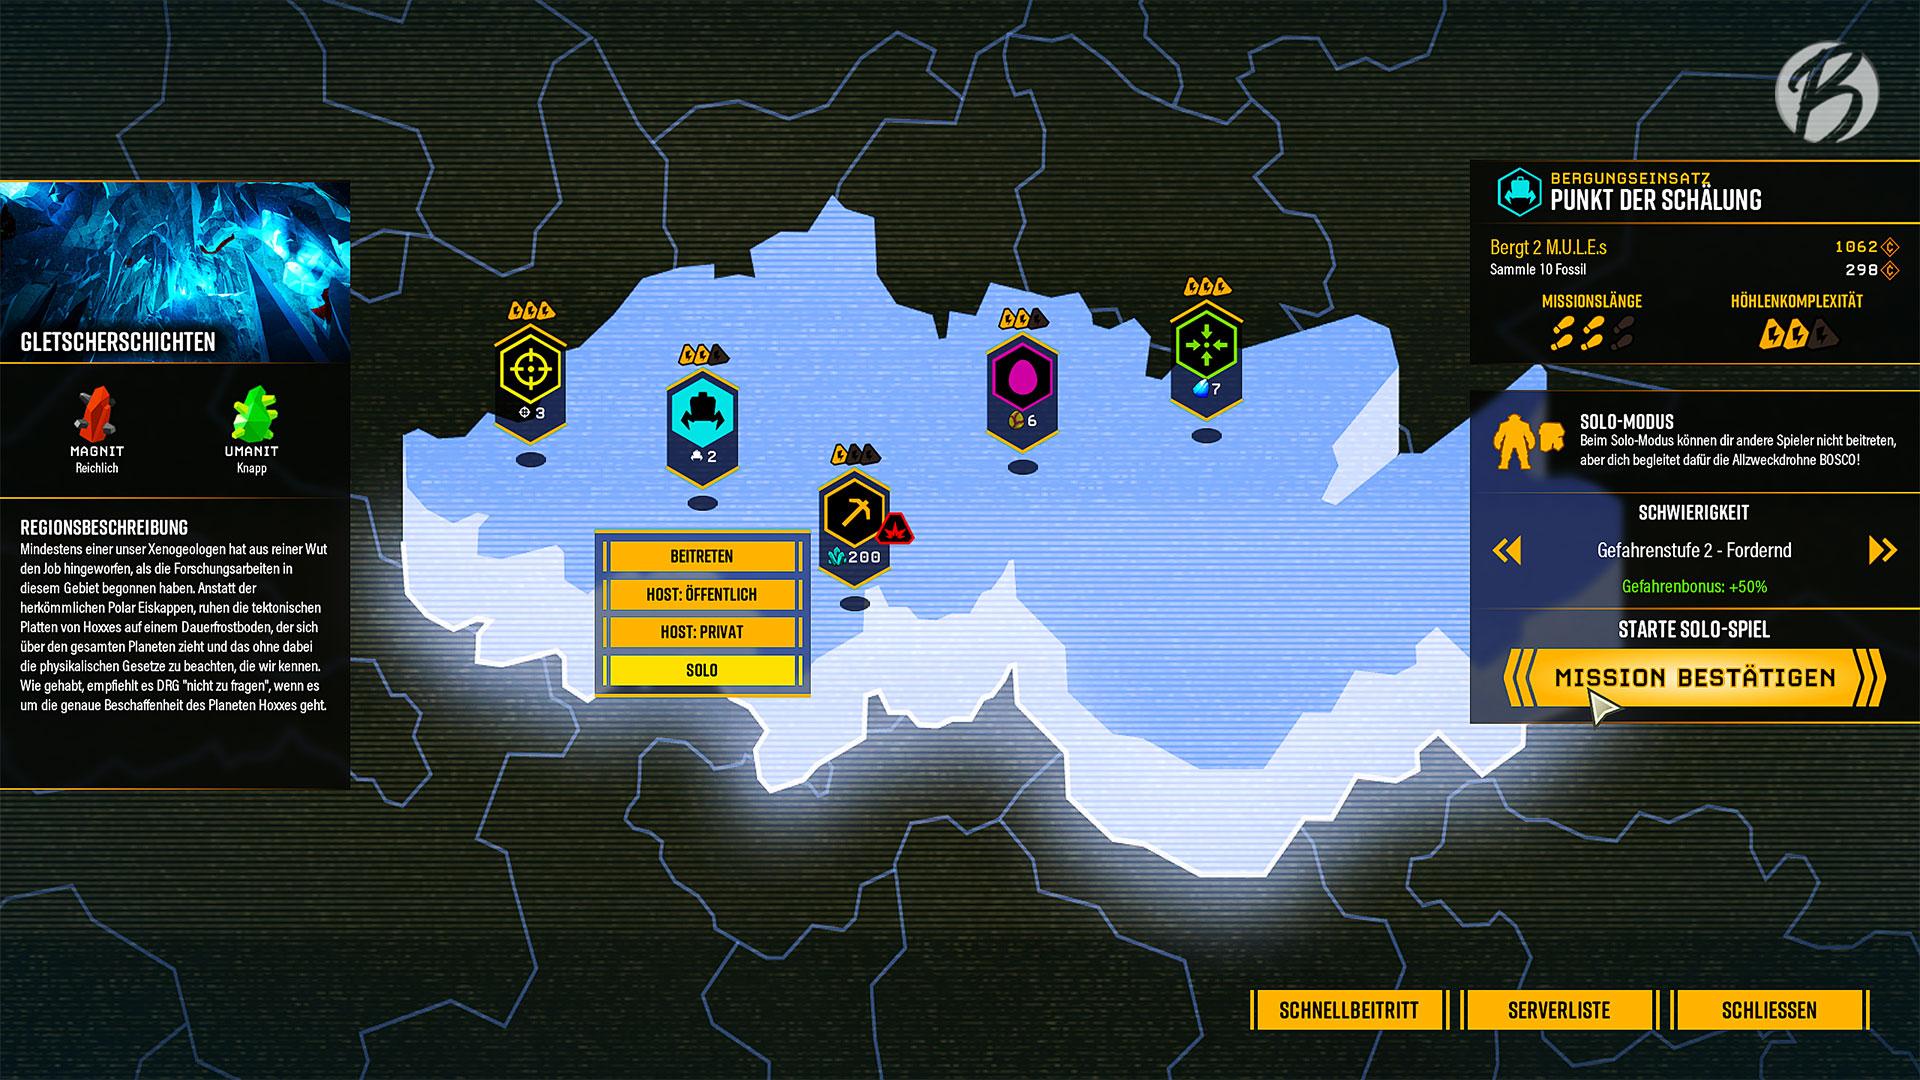 Deep Rock Galactic - Auf der Weltkarte wählen wir aus den verschiedenen Biomen unsere Missionen aus.